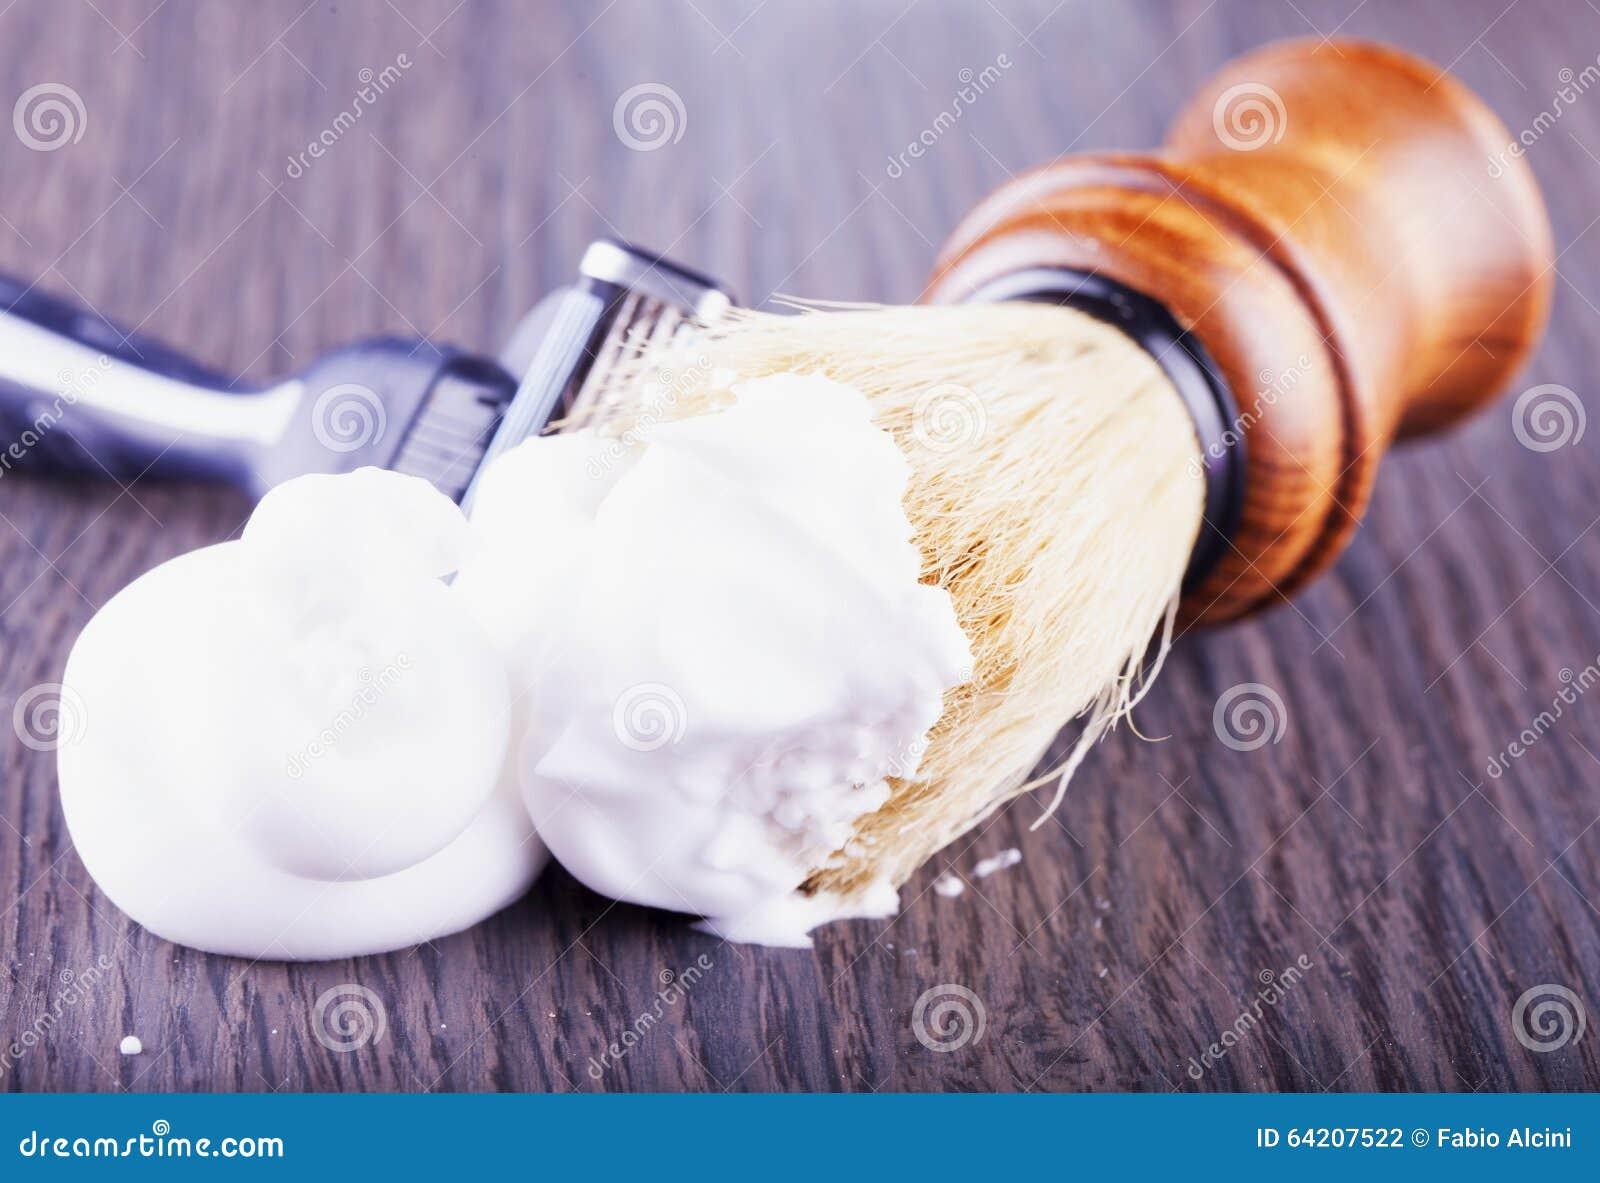 Espuma, cepillo y maquinilla de afeitar